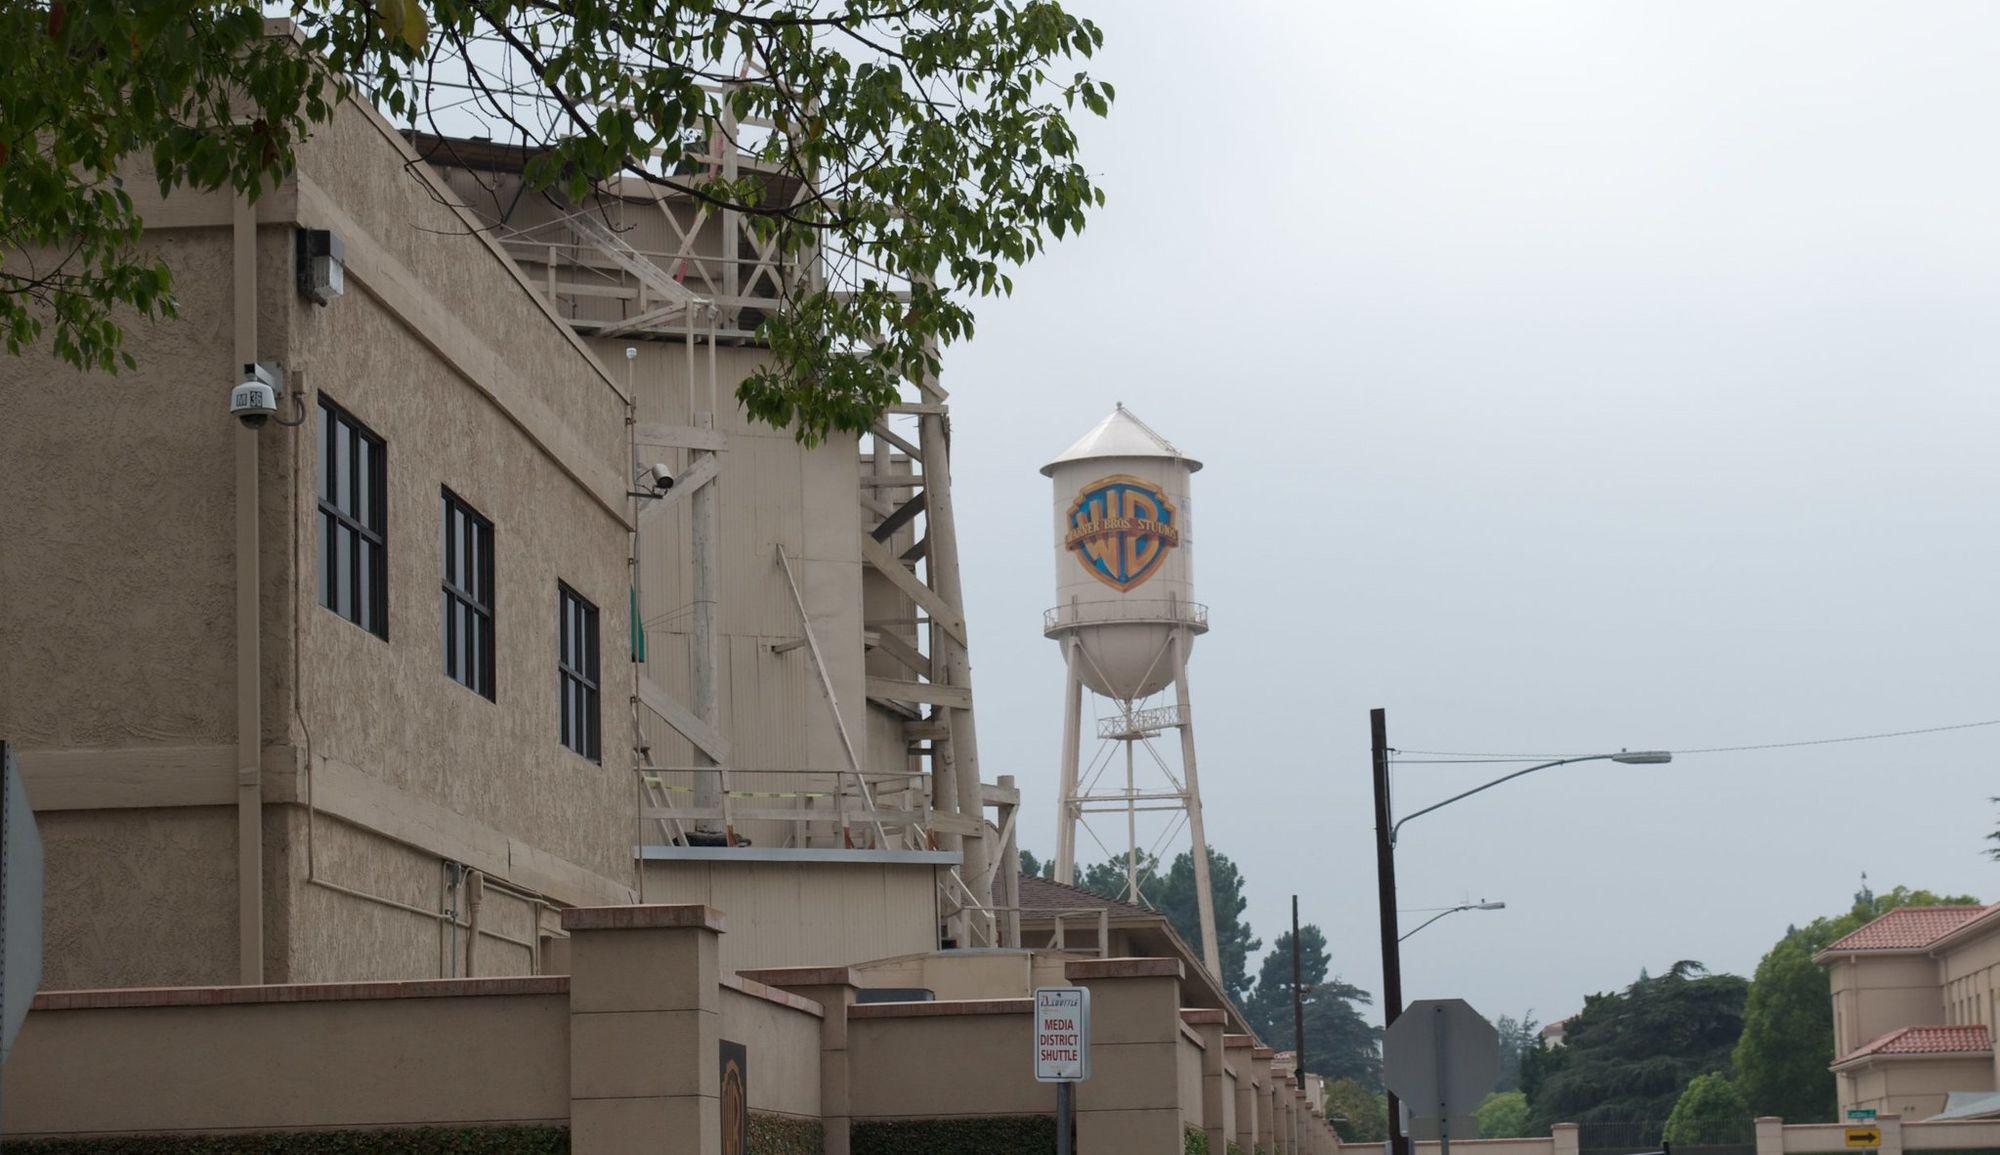 Warner Bros. water tower